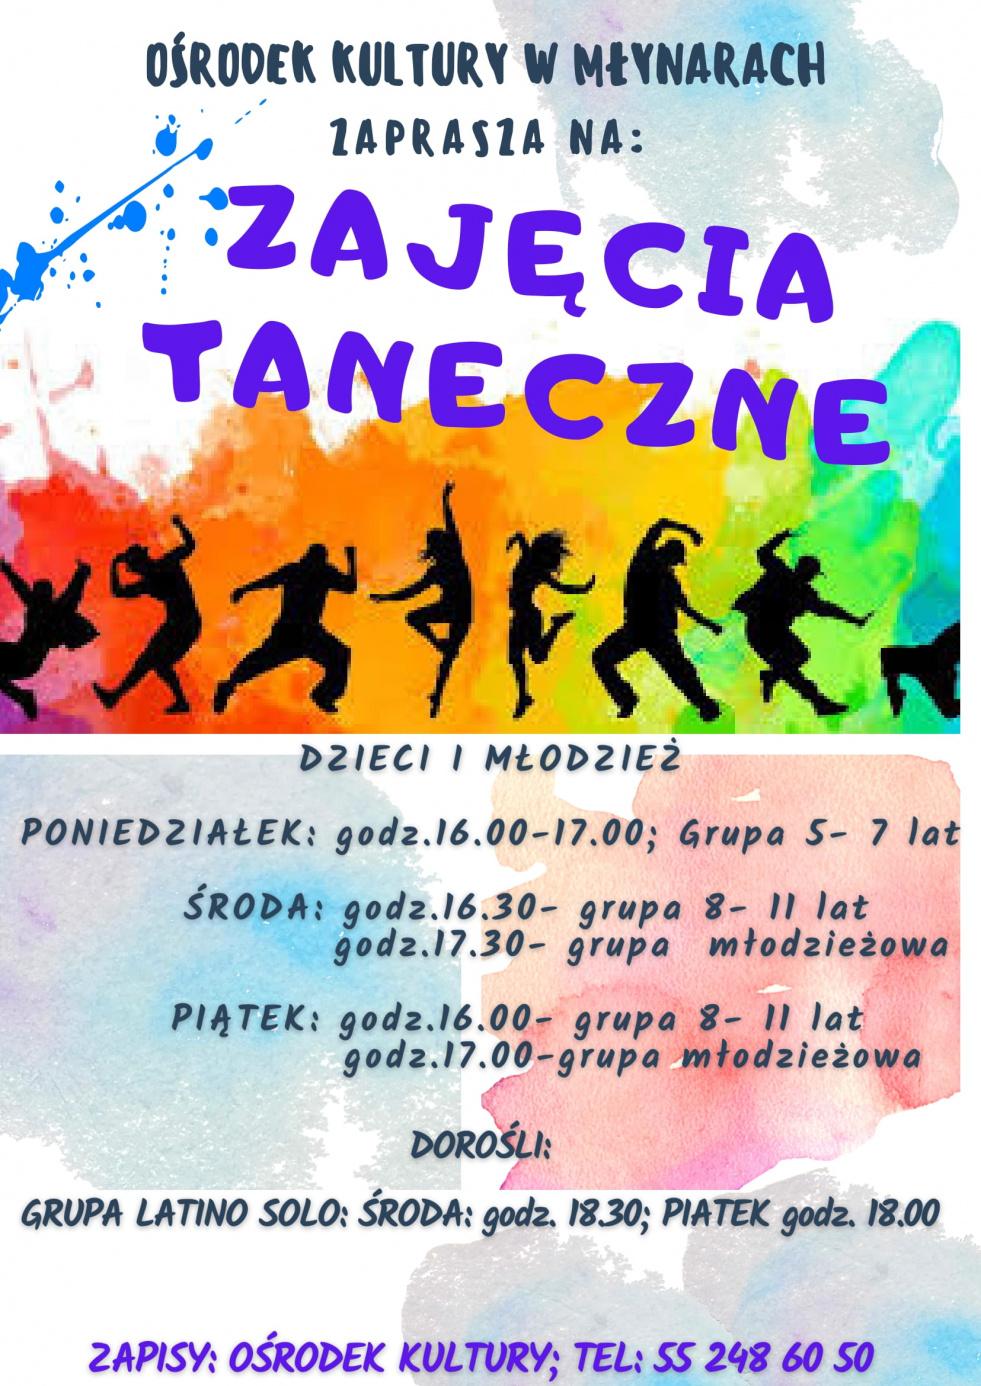 Ośrodek Kultury w Młynarach zaprasza na zajęcia taneczne